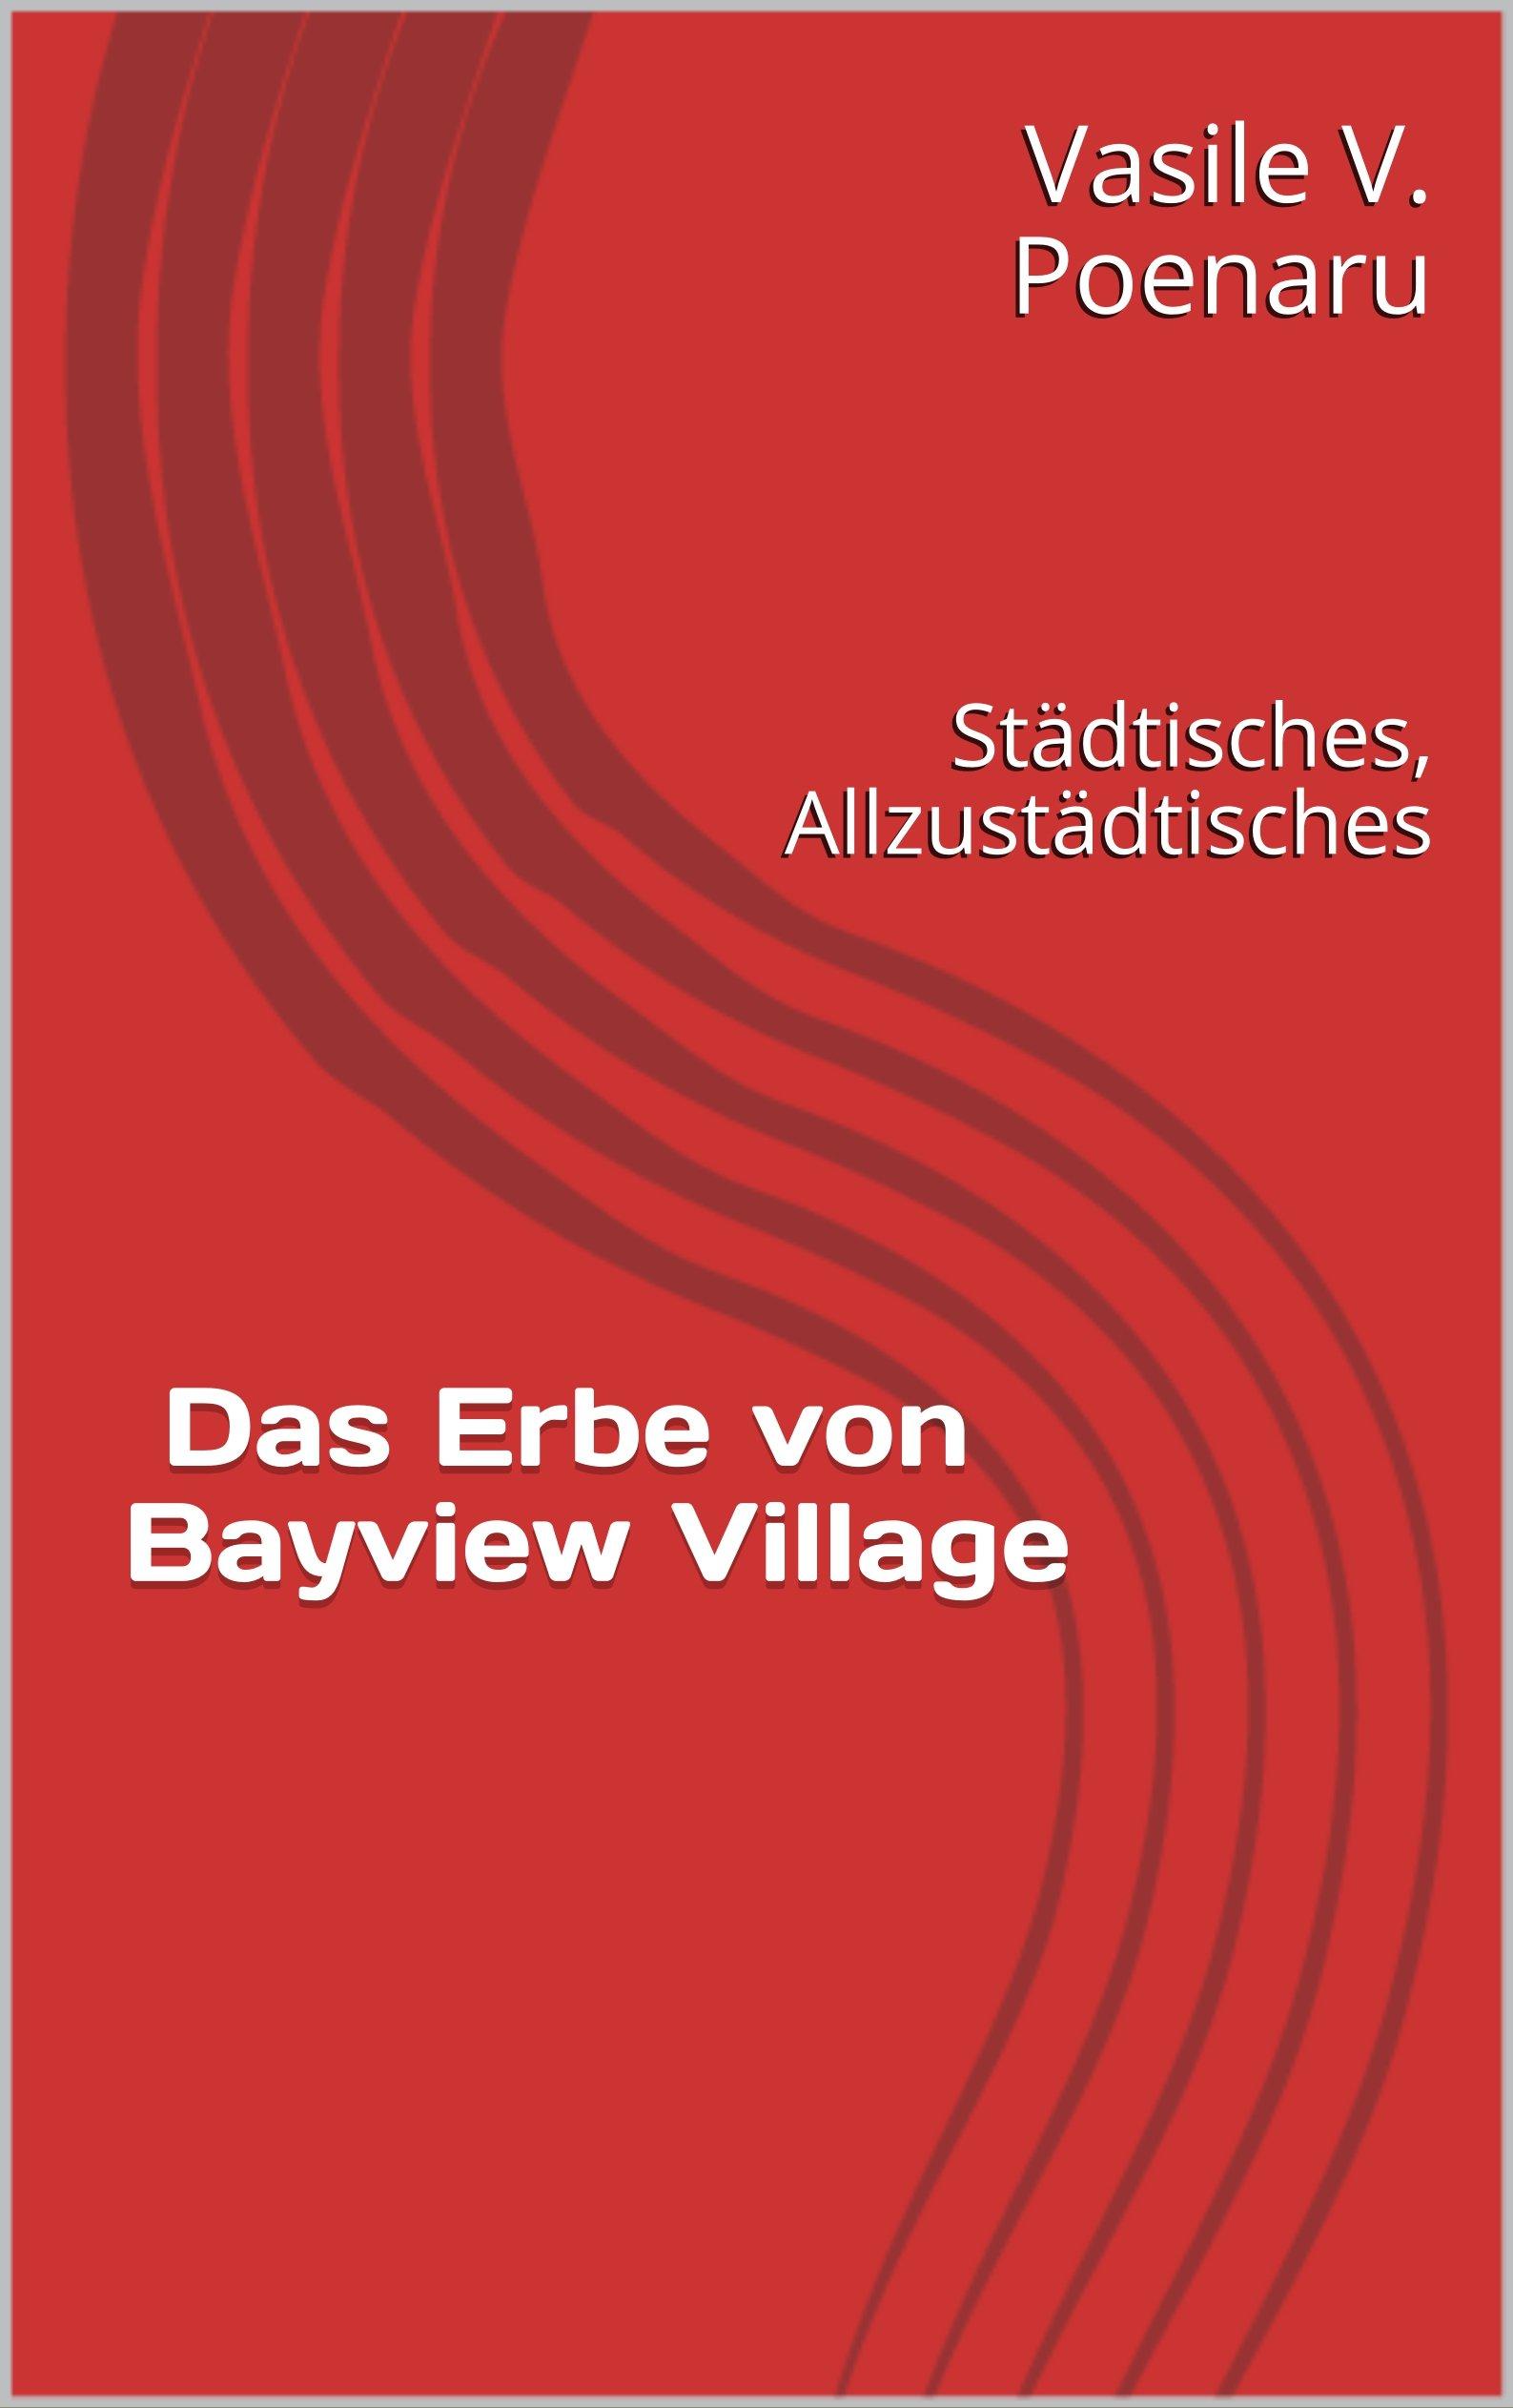 Das Erbe von Bayview Village von Vasile V. Poenaru